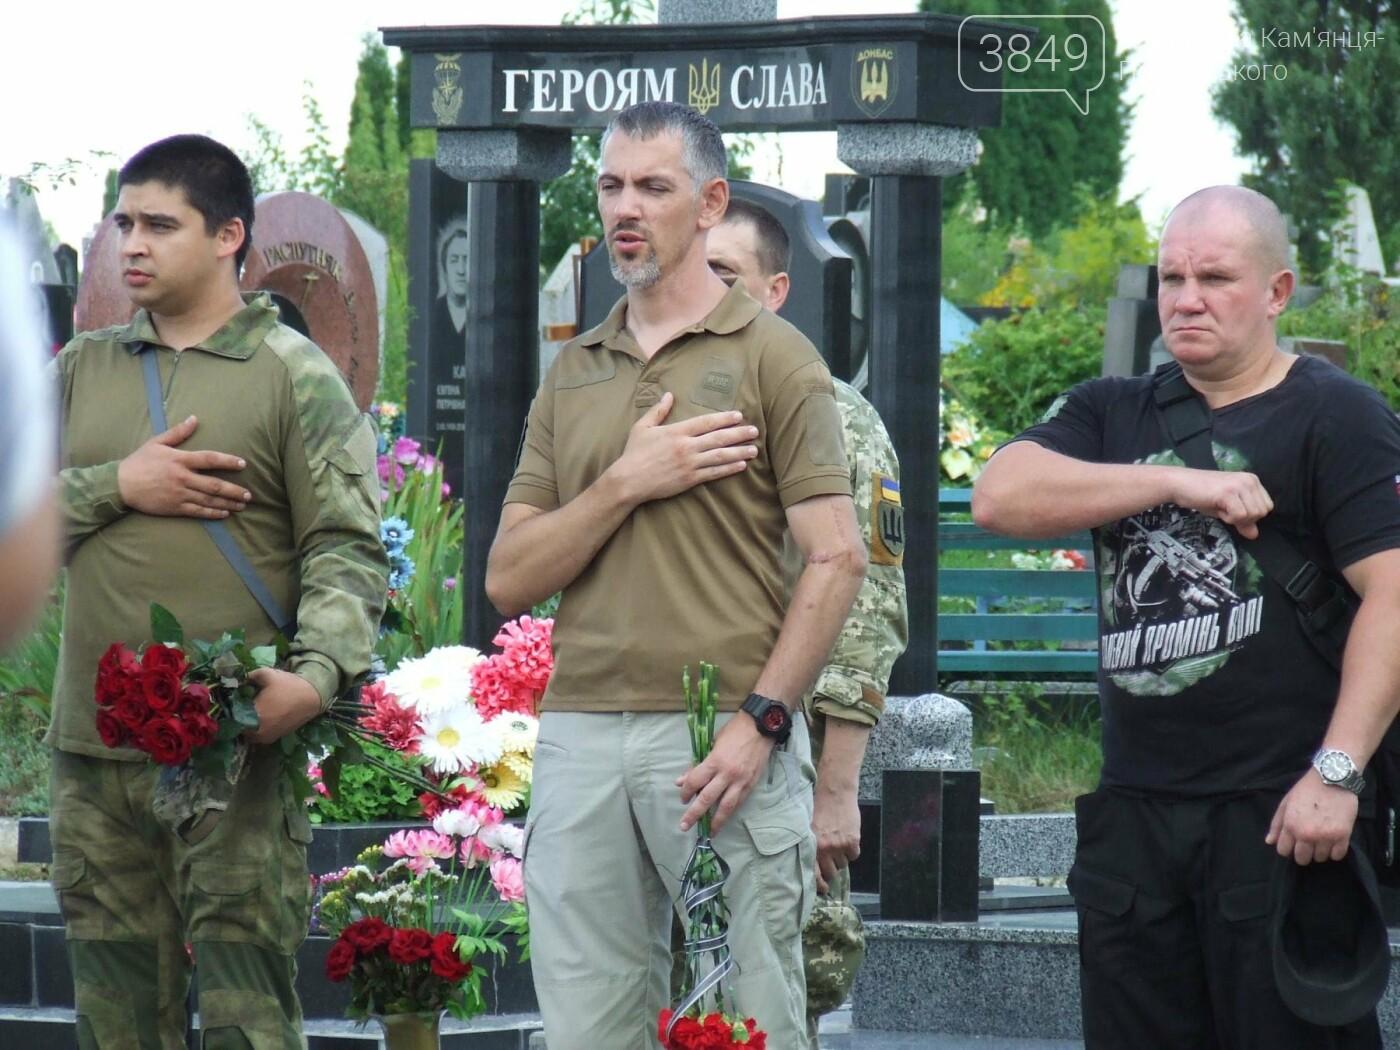 Річниця скорботи: у Кам'янці освятили меморіал Героя Ростислава Доброшинського, фото-19